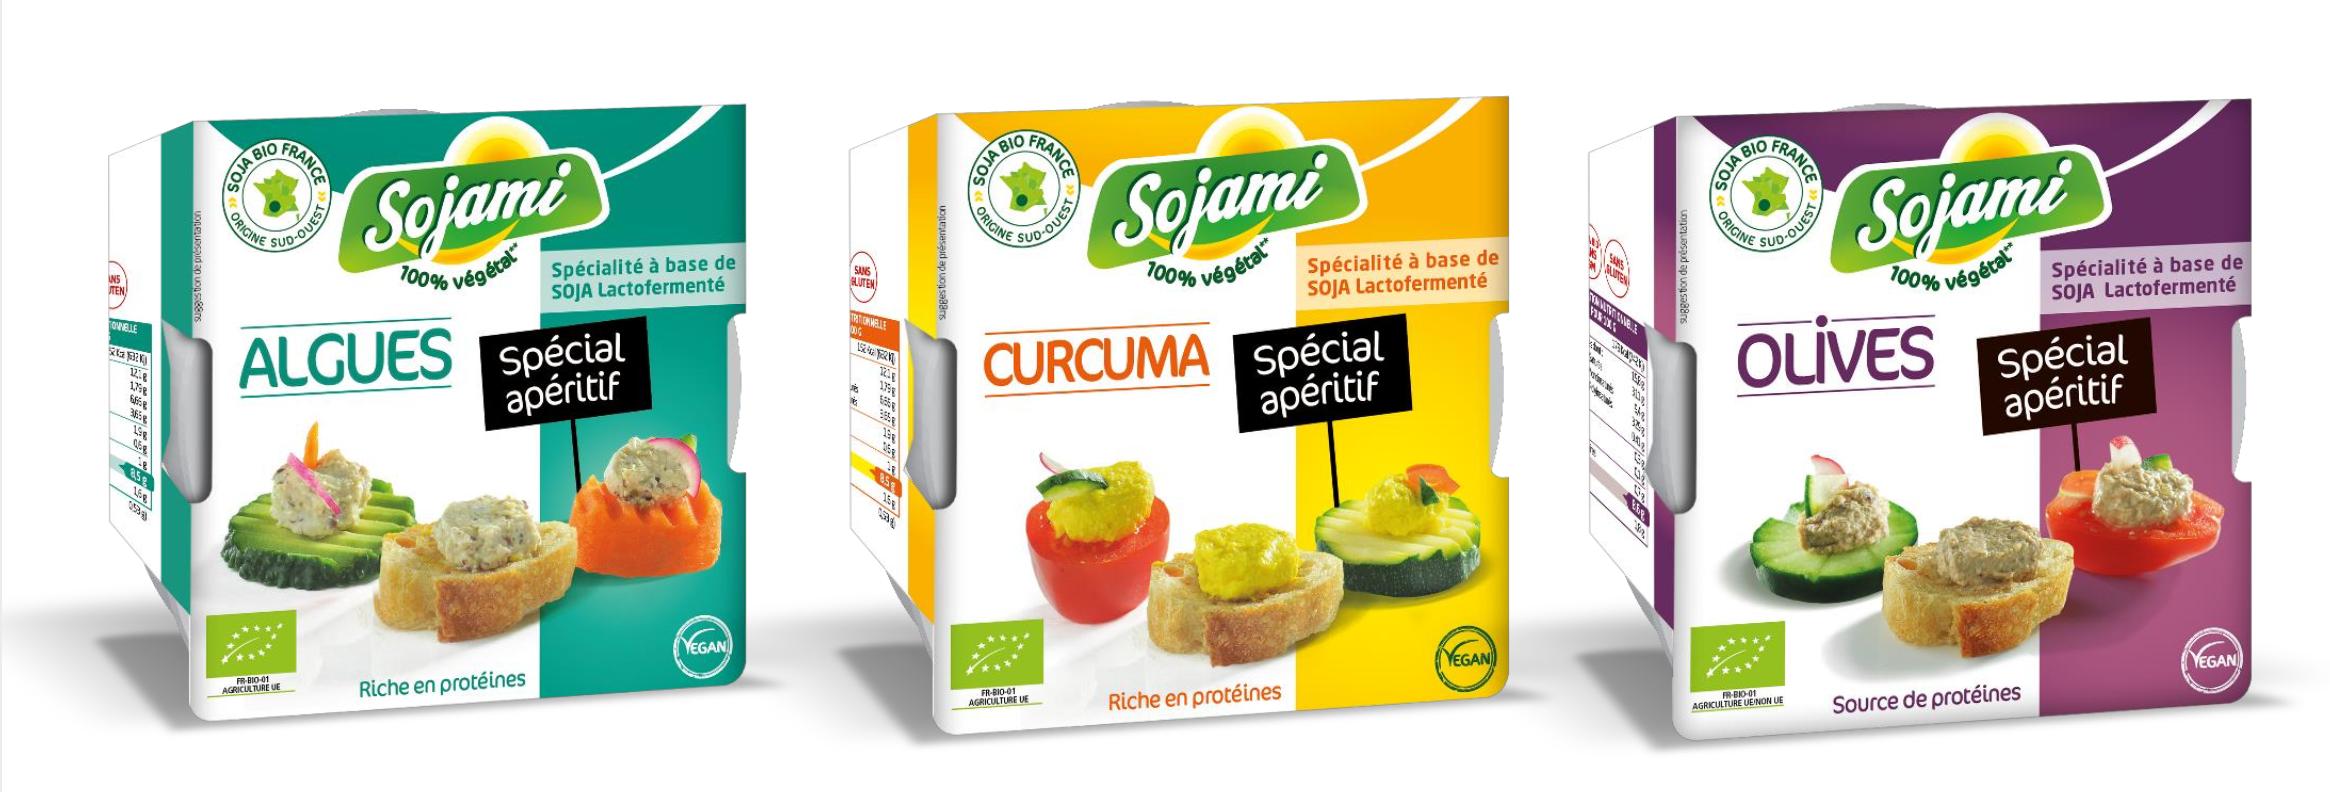 Capture d'écran 2019 12 18 à 08.26.27 - Sojami, des produits innvovants pour la transition alimentaire